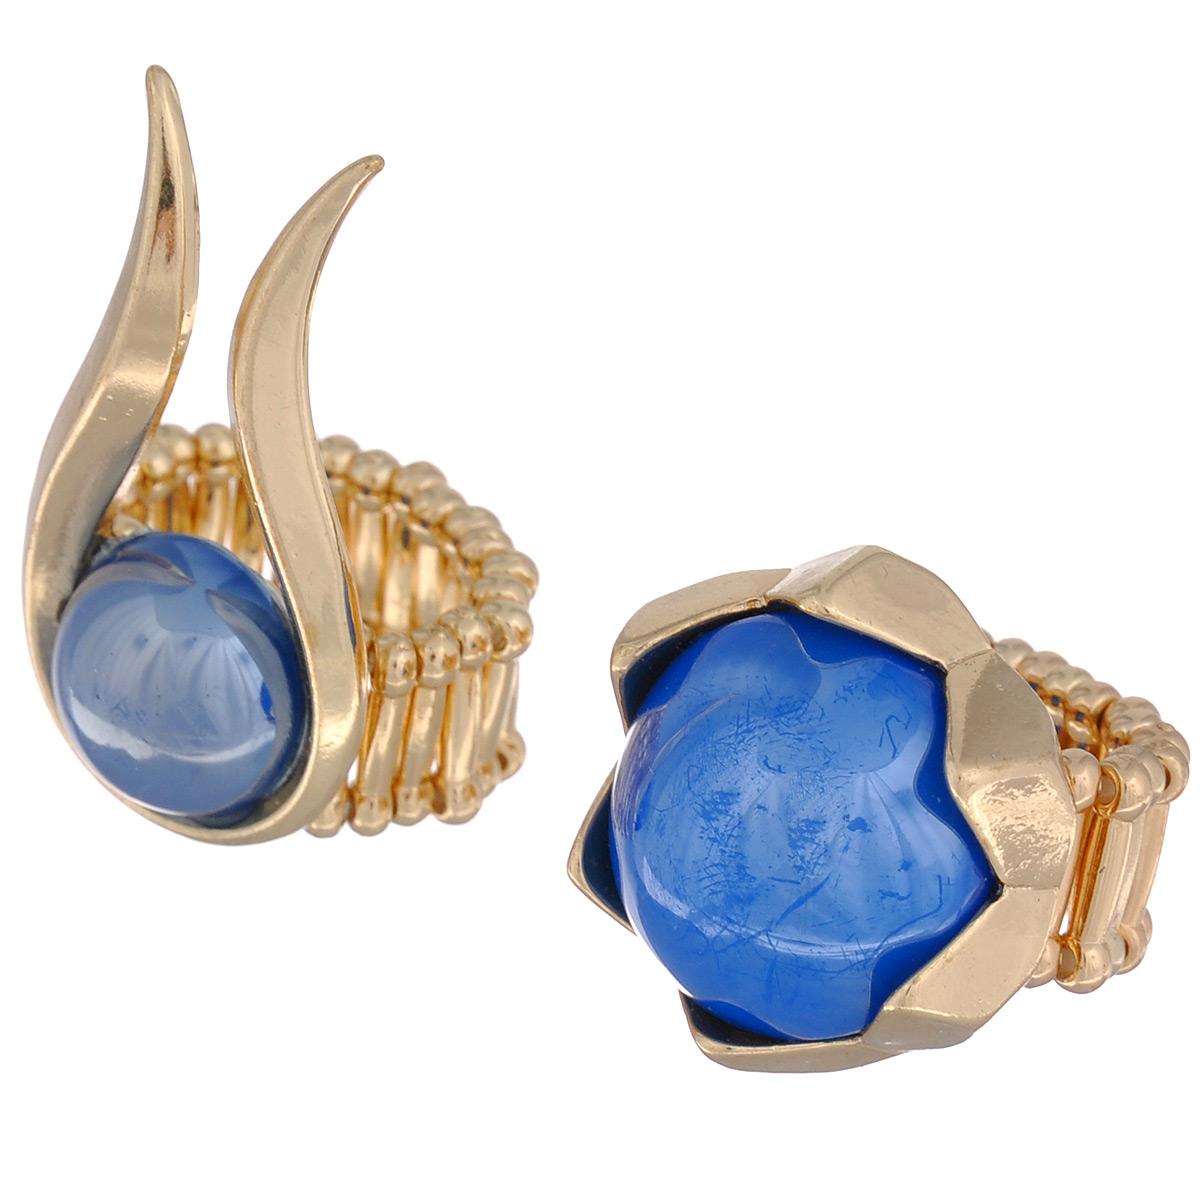 Кольцо Avgad, цвет: золотистый, синий. EA178JW126EA178JW126Оригинальное кольцо Avgad выполнено из ювелирного сплава и декорировано дополнительным элементом из акрила. Элементы соединены с помощью тонкой резинки, благодаря этому оно легко одевается и снимается. Размер универсальный. Кольцо позволит вам с легкостью воплотить самую смелую фантазию и создать собственный, неповторимый образ.